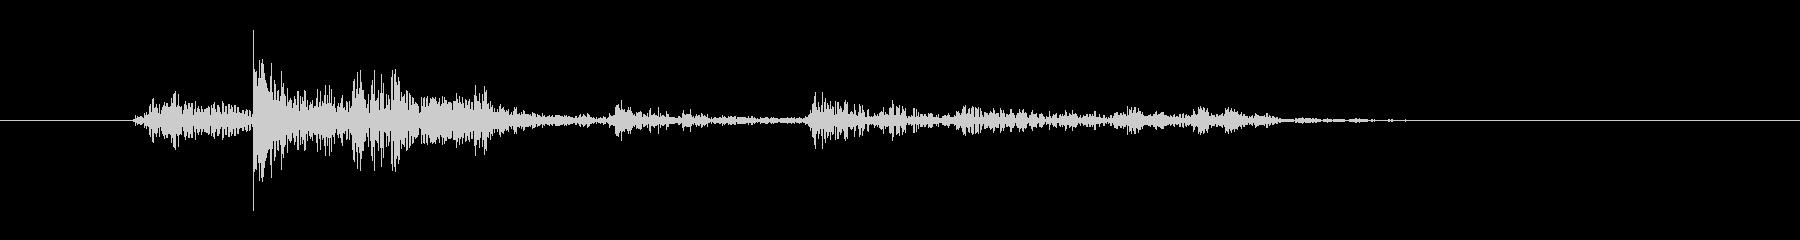 ガチャ(ドアの開閉音.02)の未再生の波形